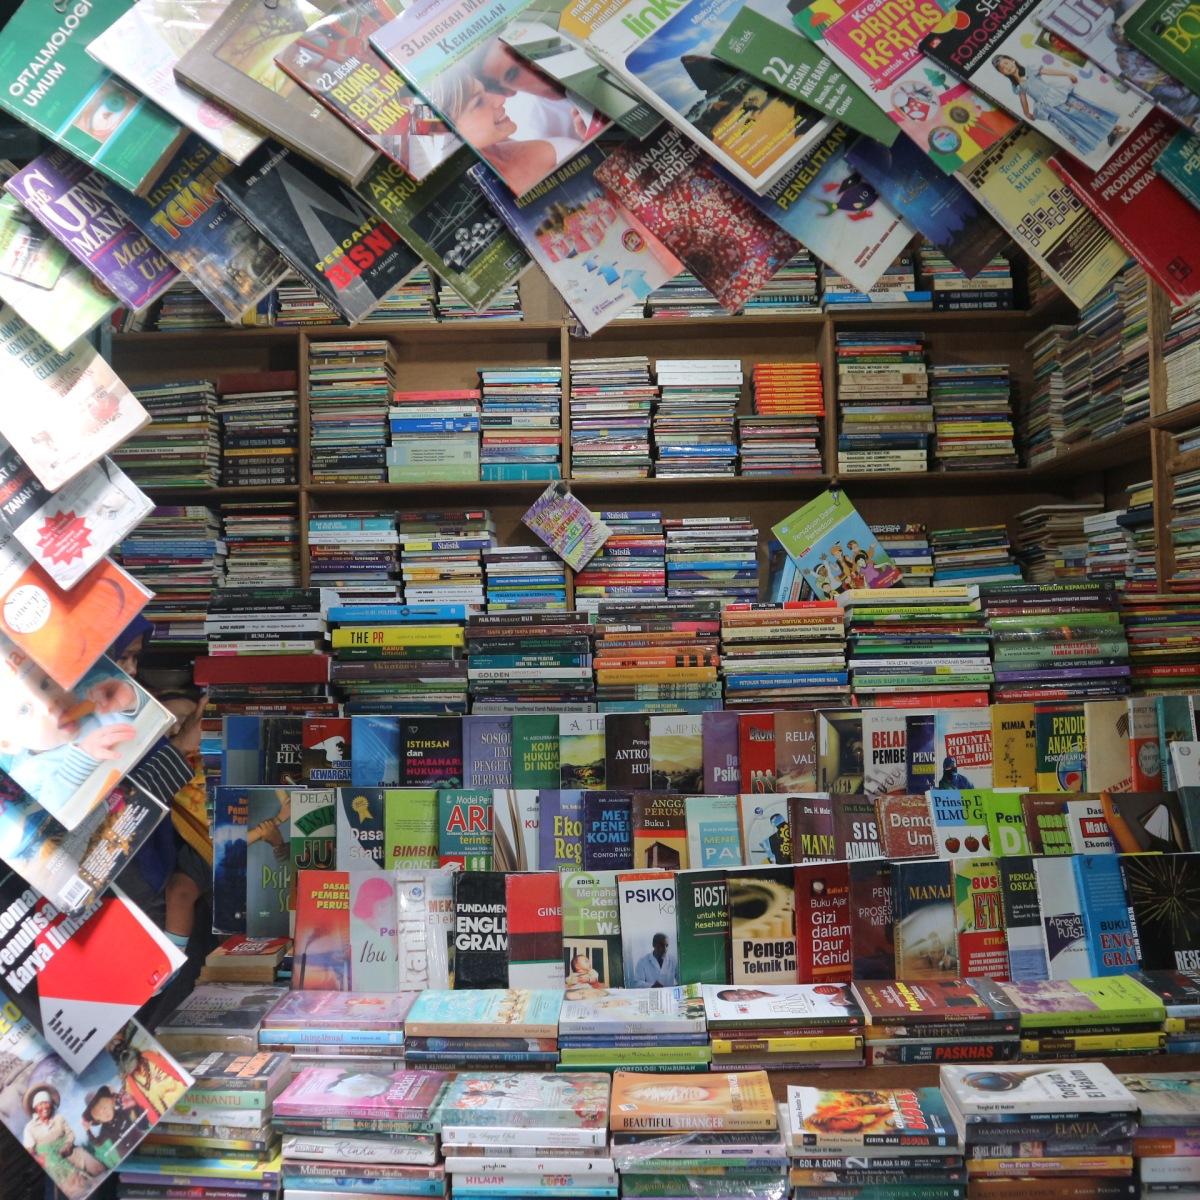 10 Tempat Wisata Buku di Kota Malang Versi Saya